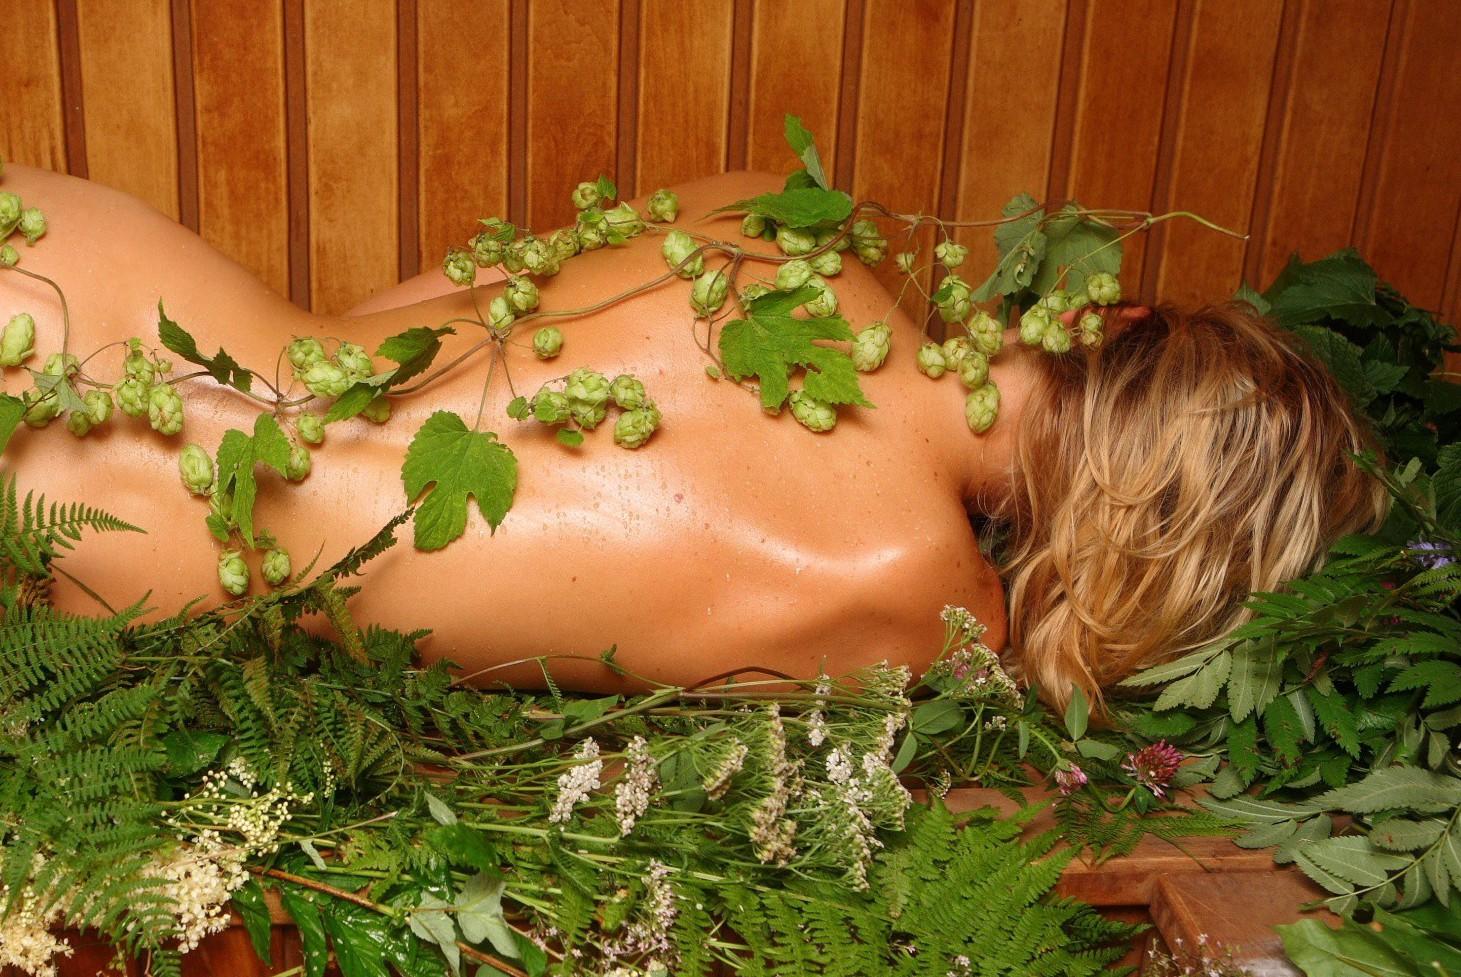 девушка в бане и травы